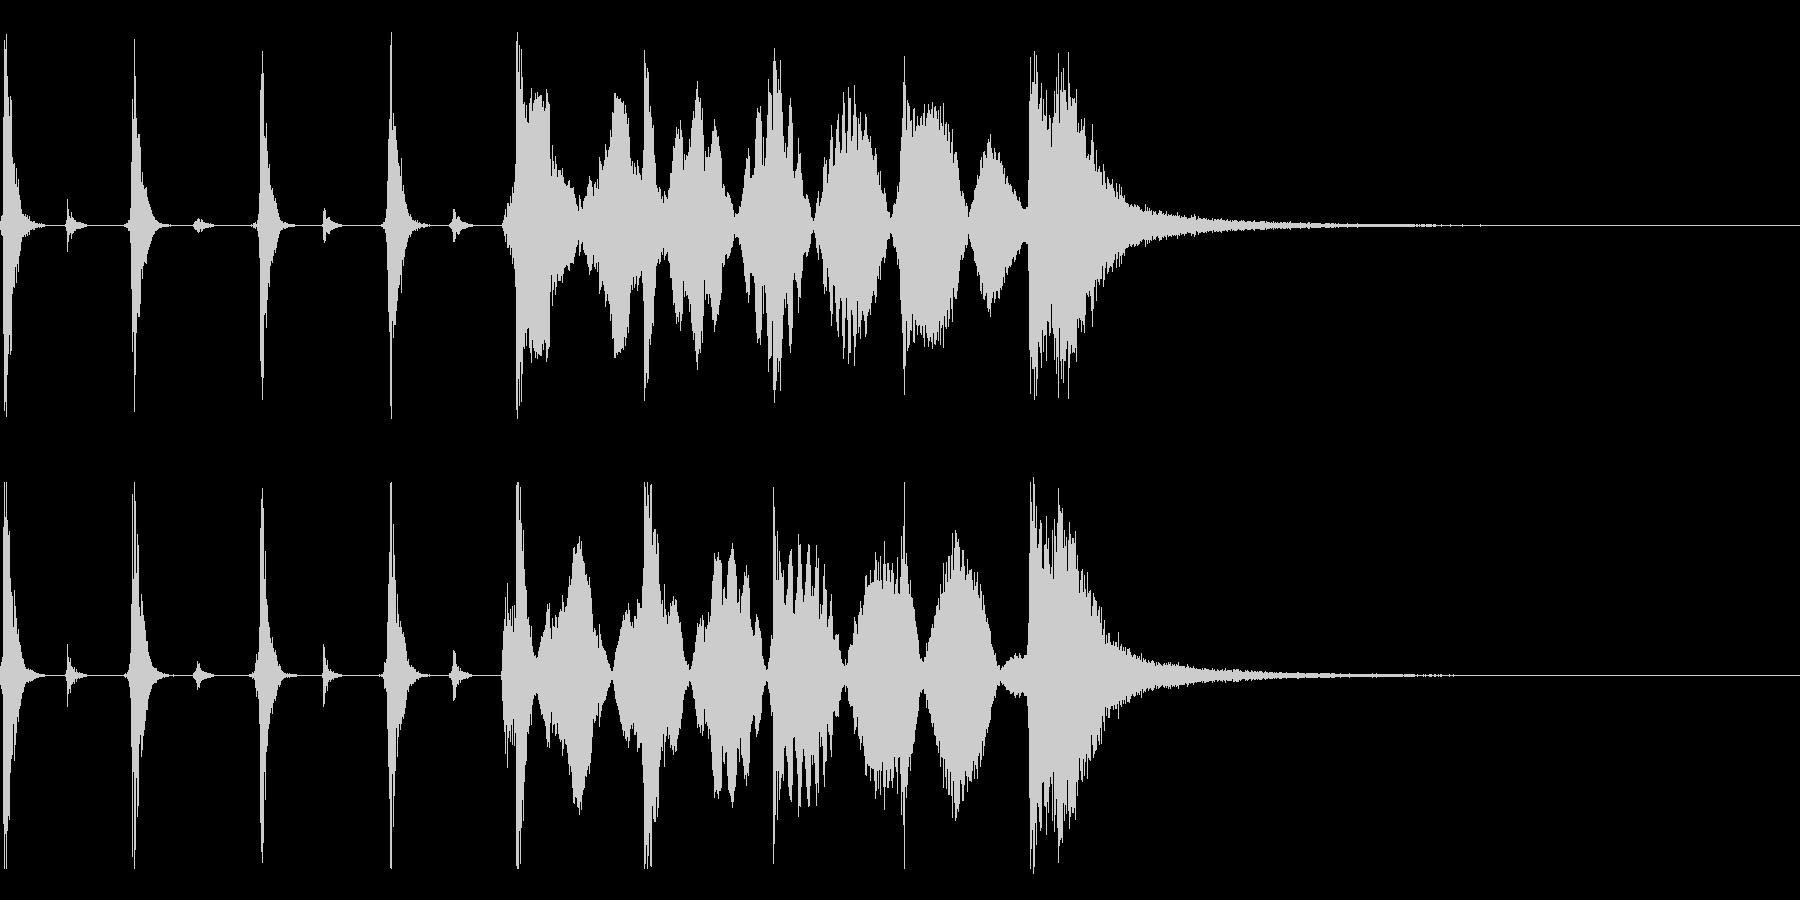 シンキングタイム用/秒針の効果音 !5の未再生の波形